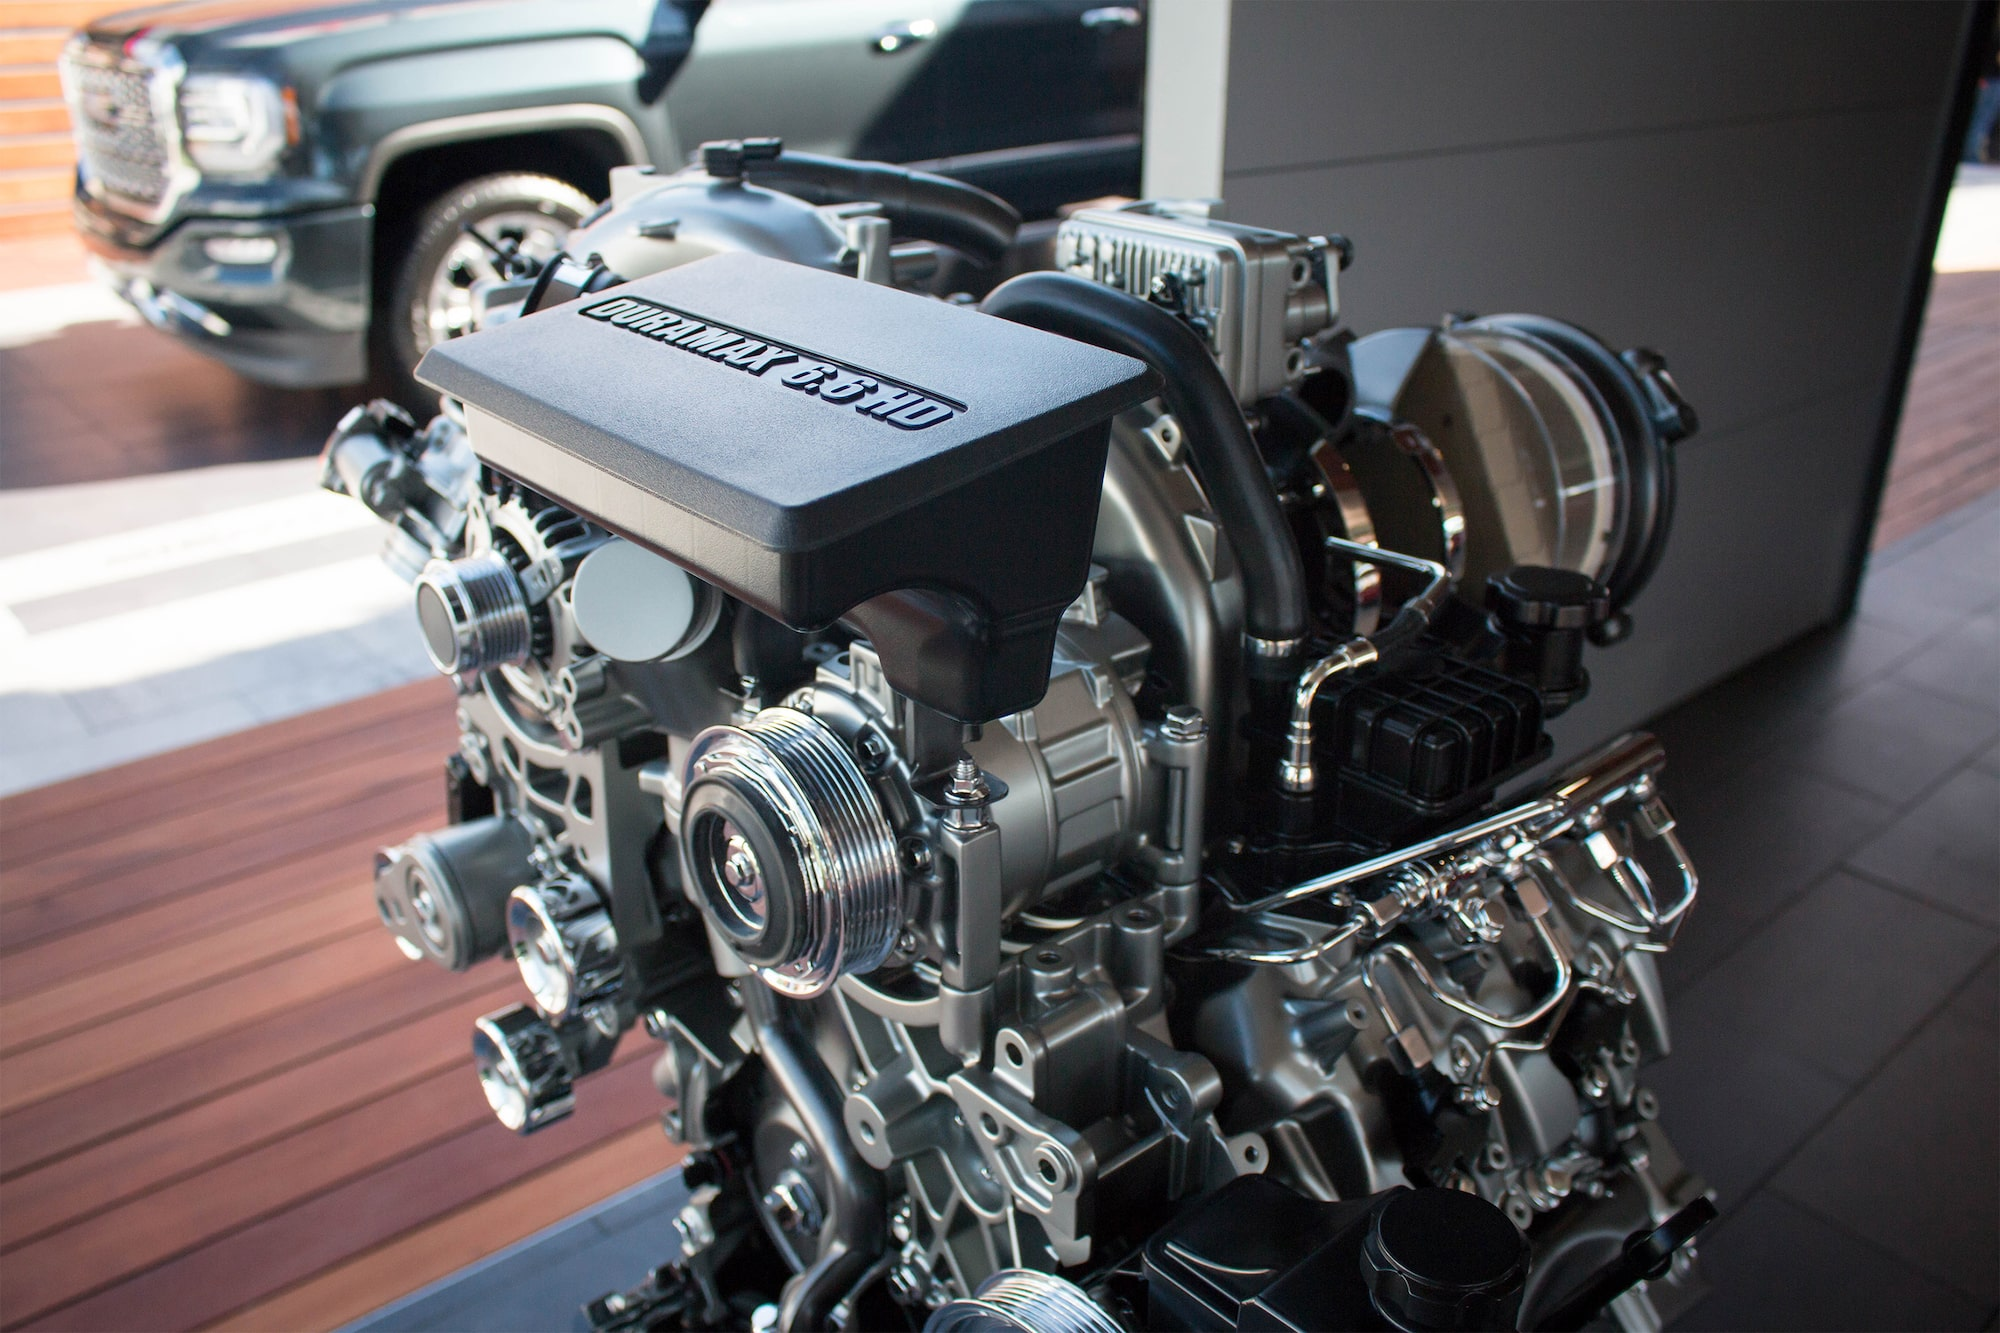 gmc life duramax diesel engine  [ 2048 x 1365 Pixel ]